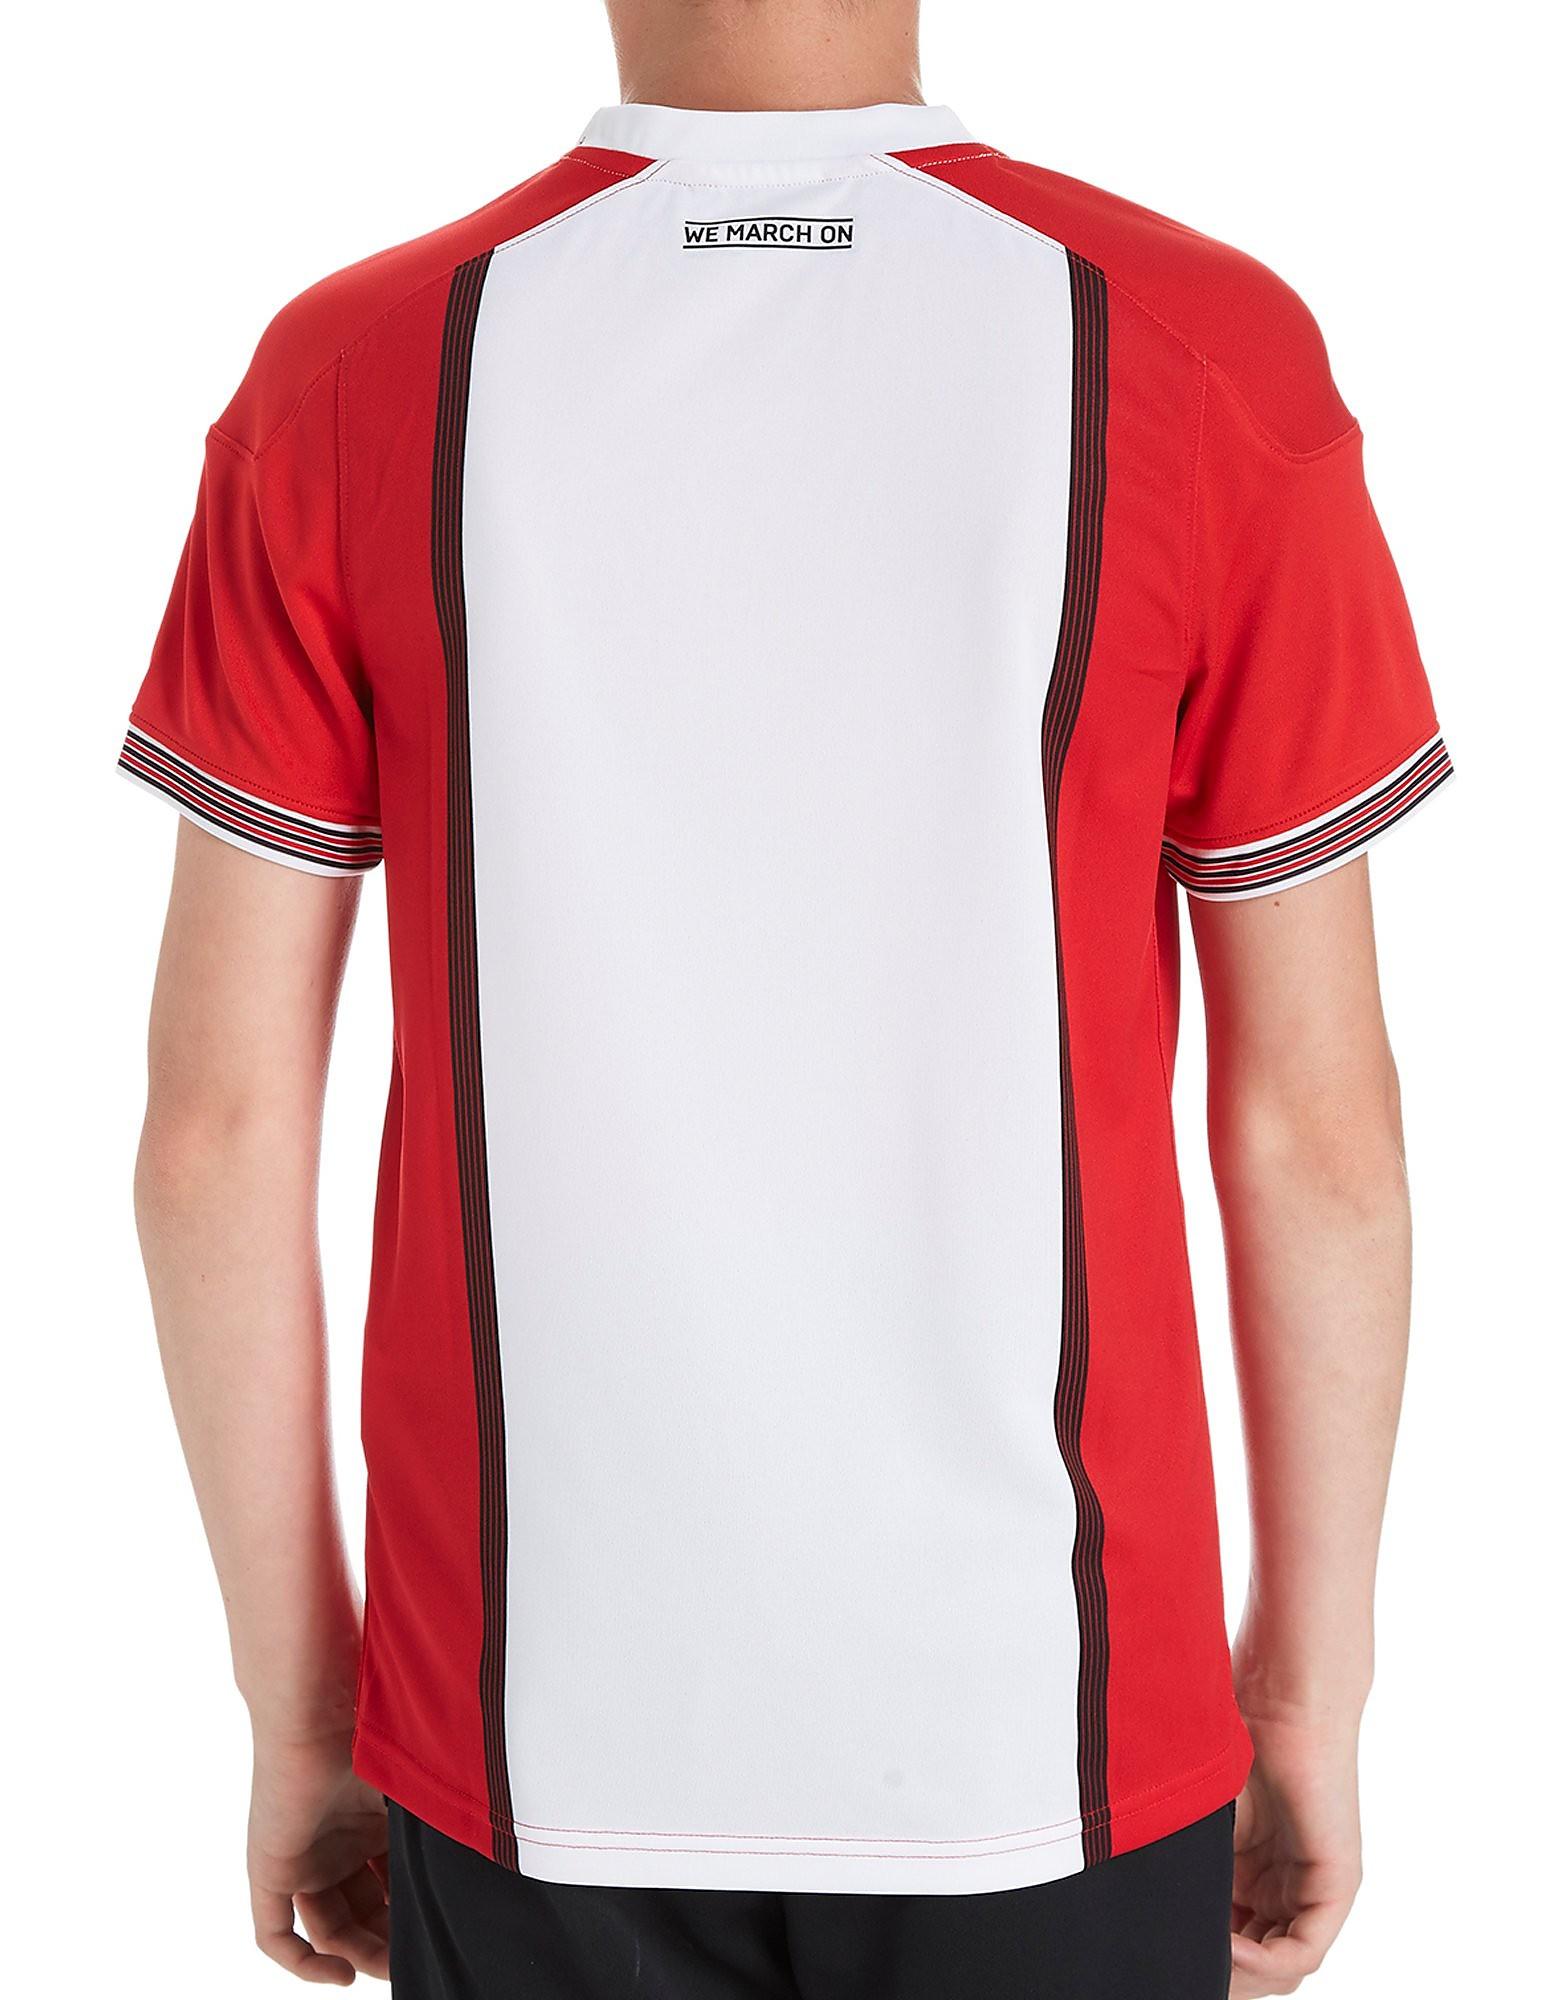 Under Armour Southampton FC 2017/18 Home Shirt Junior PRE ORDER